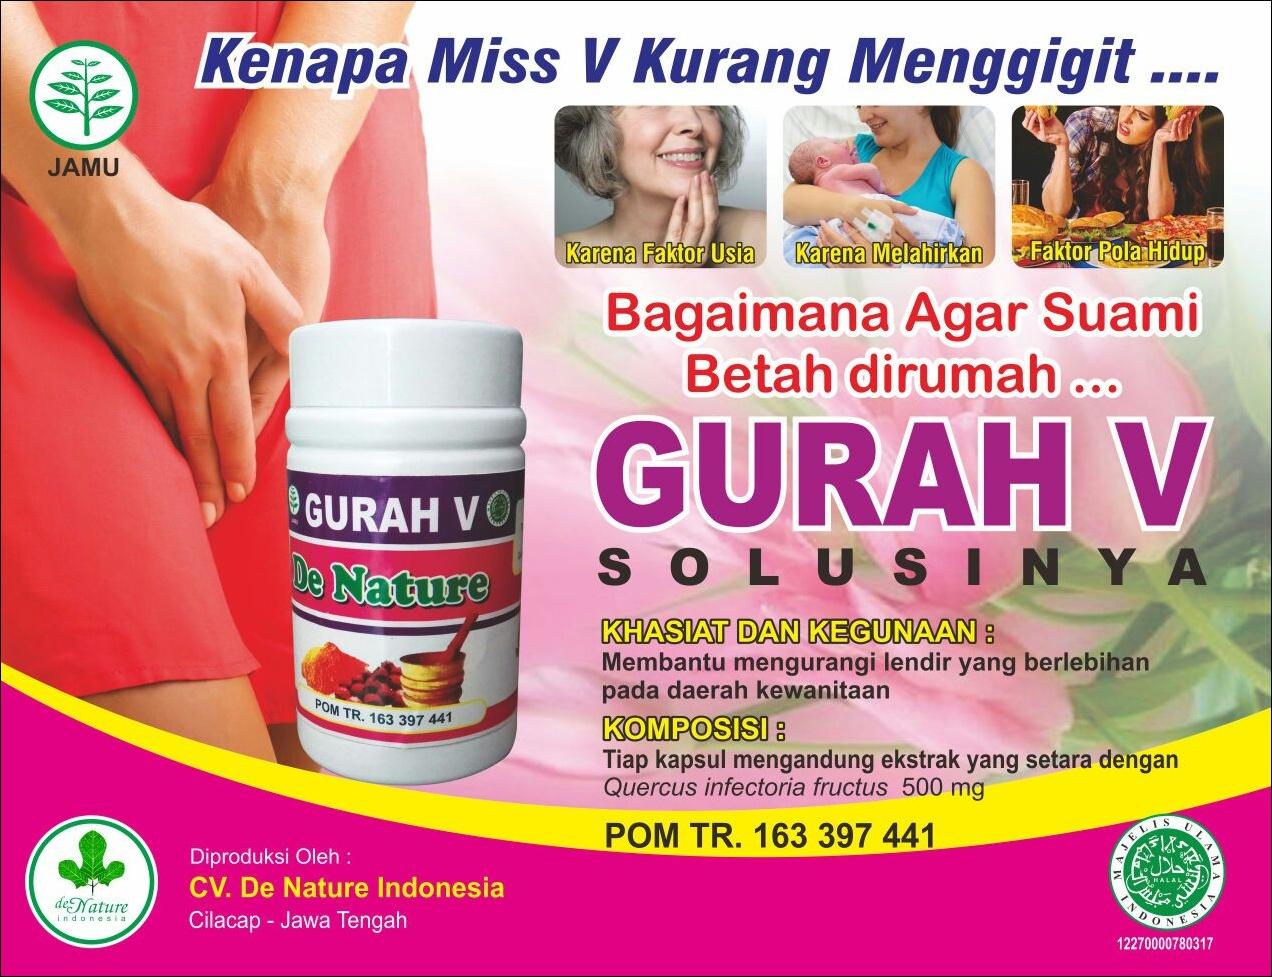 Jual Kapsul Gurah V Untuk Penyempit Vagina Di Klungkung. 082326813507